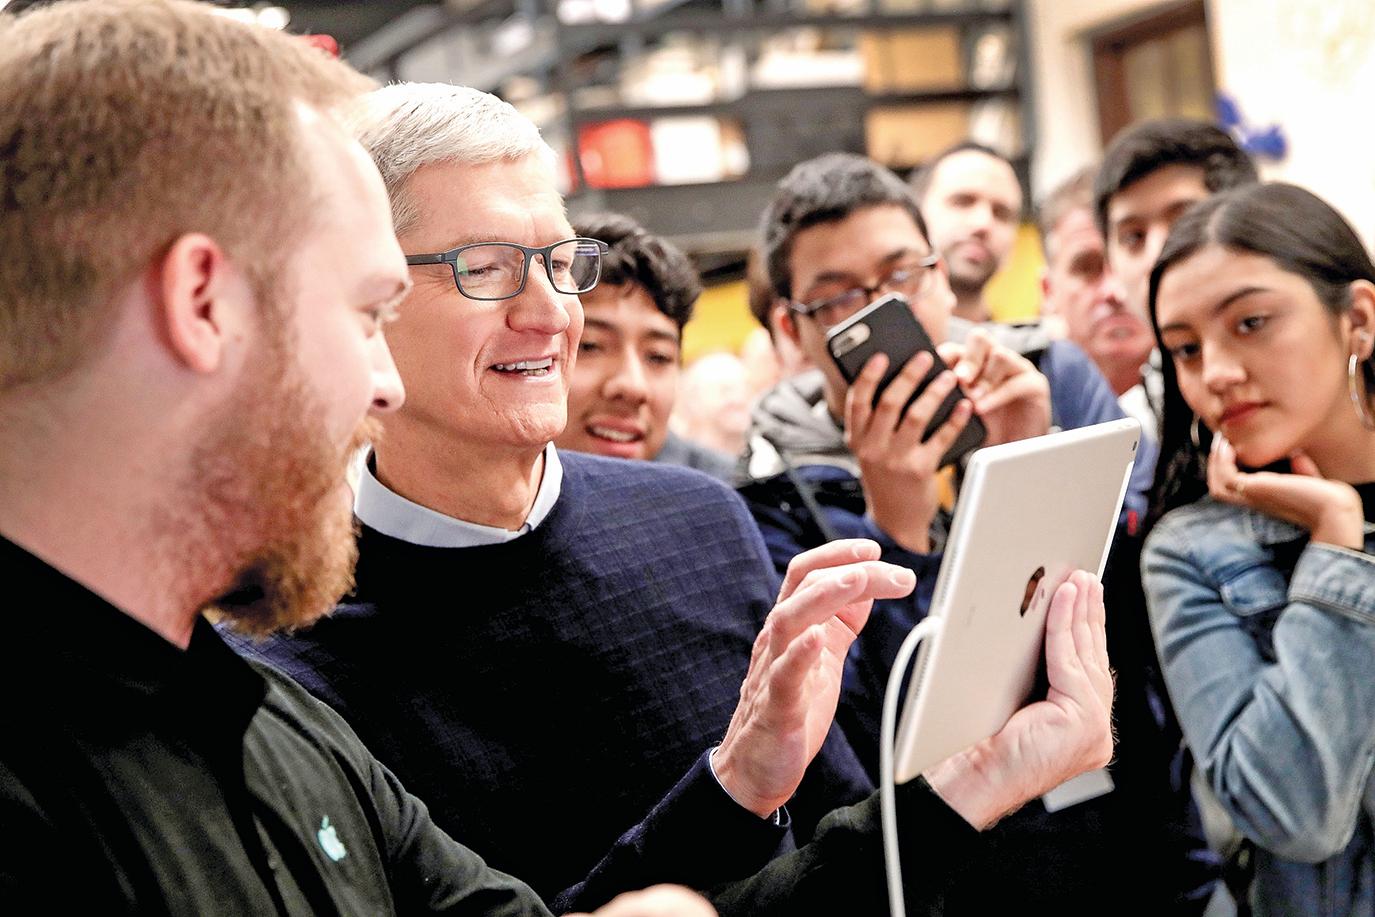 在CEO庫克帶領下,蘋果未來還有可能推出令人「眼前一亮」的新產品嗎?圖為庫克(中)在去年3月的一個蘋果新產品發佈會上。(Justin Sullivan/Getty Images)